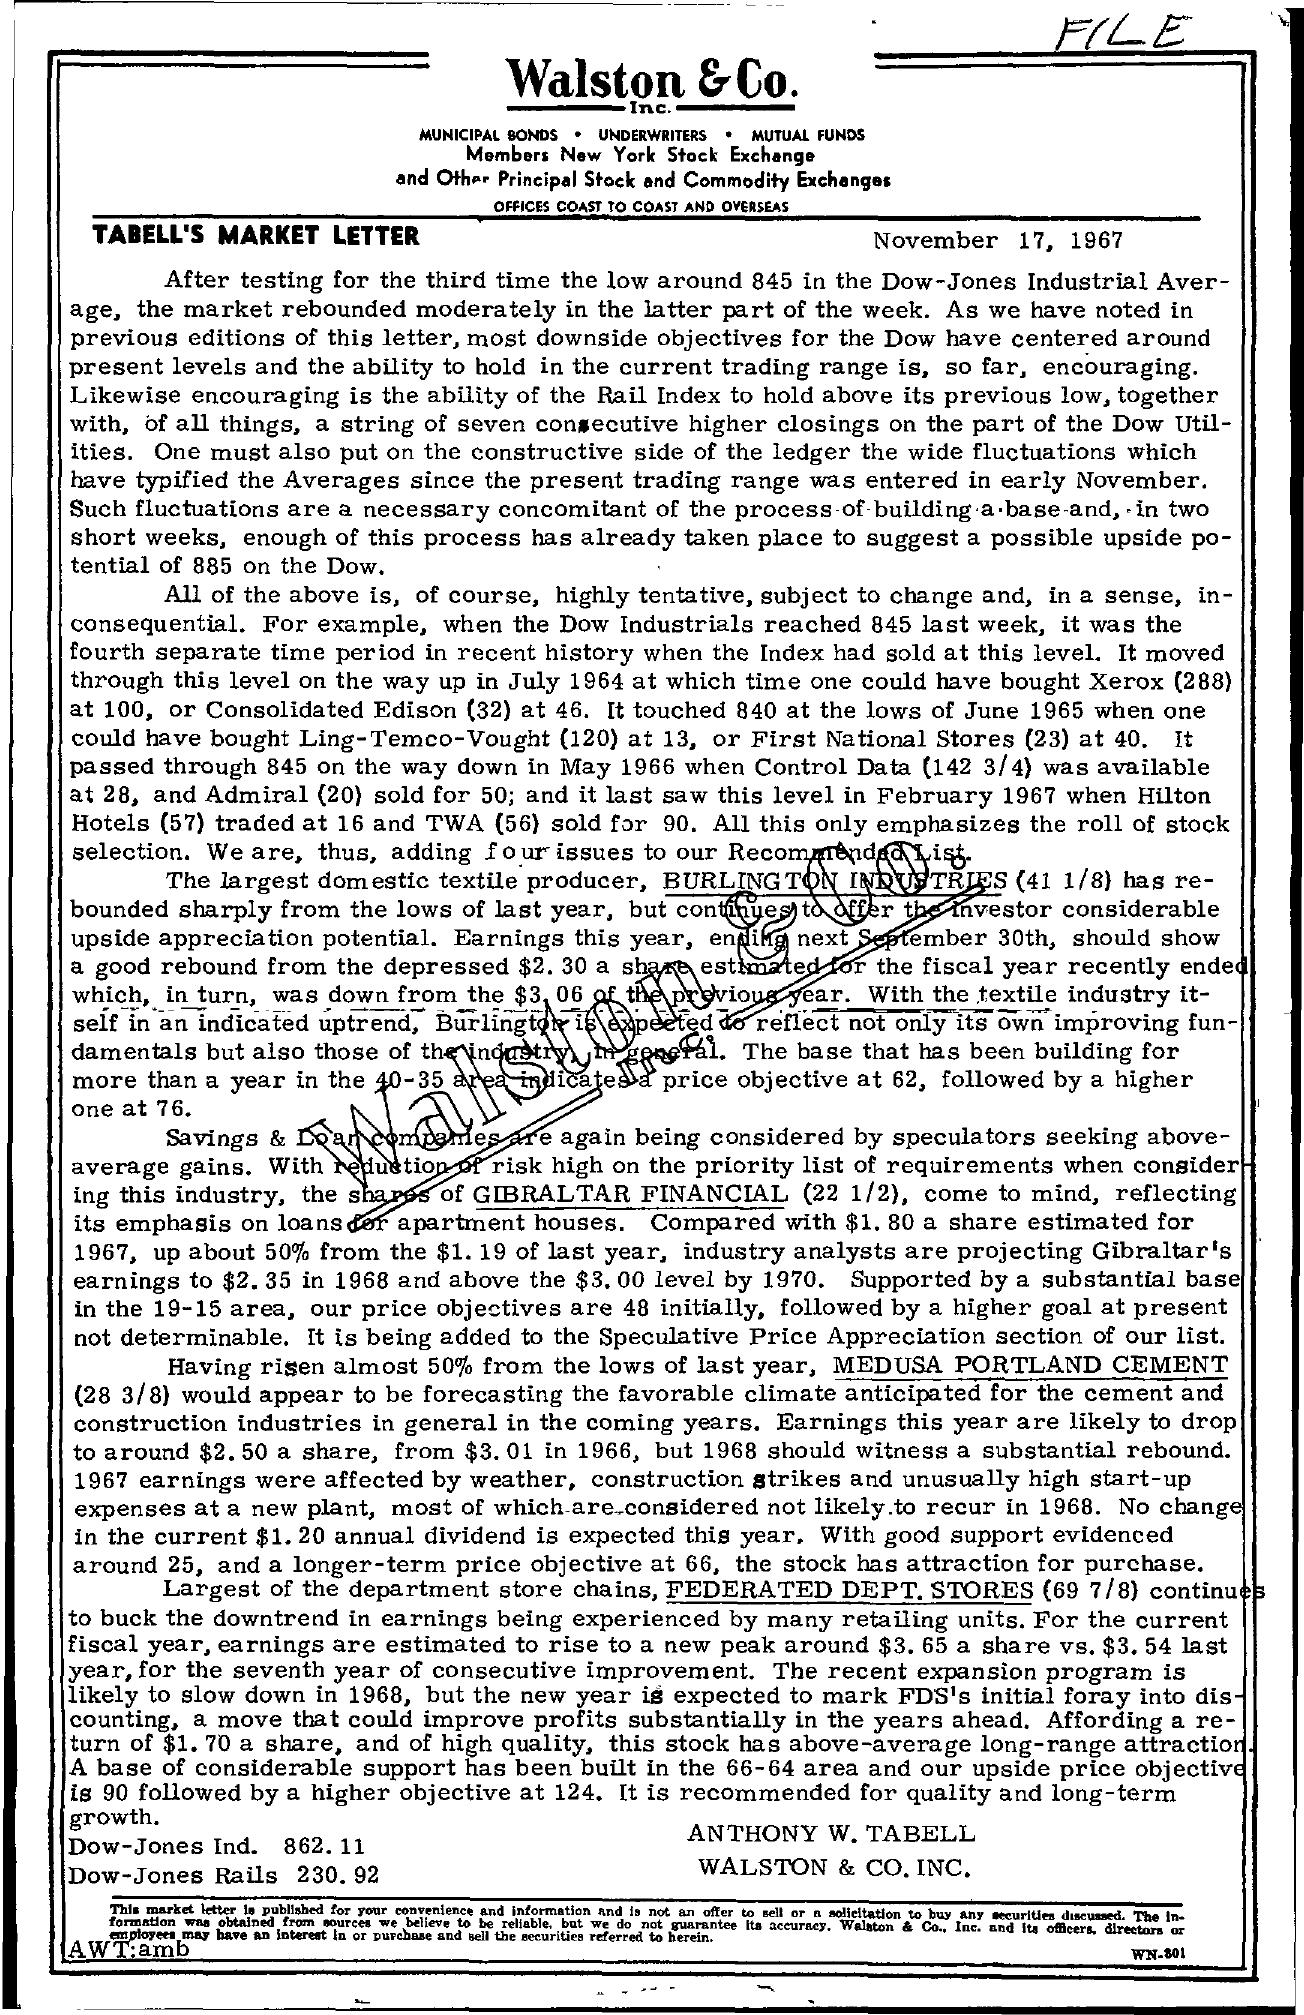 Tabell's Market Letter - November 17, 1967